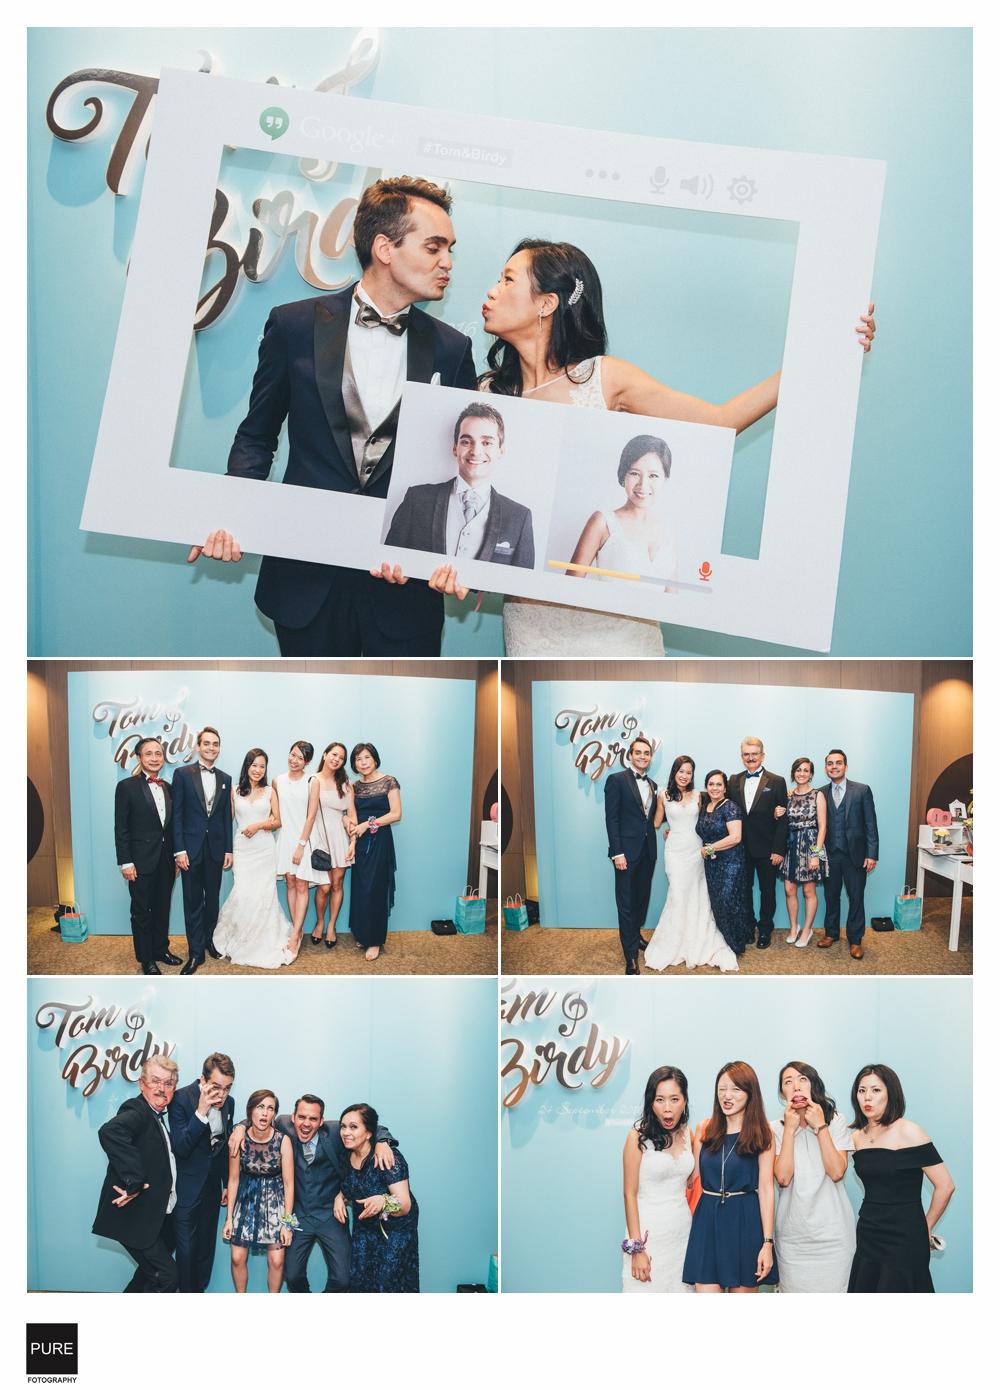 PUREFOTO_台灣婚禮平面攝影wedding_寒舍艾美婚禮攝影大合照